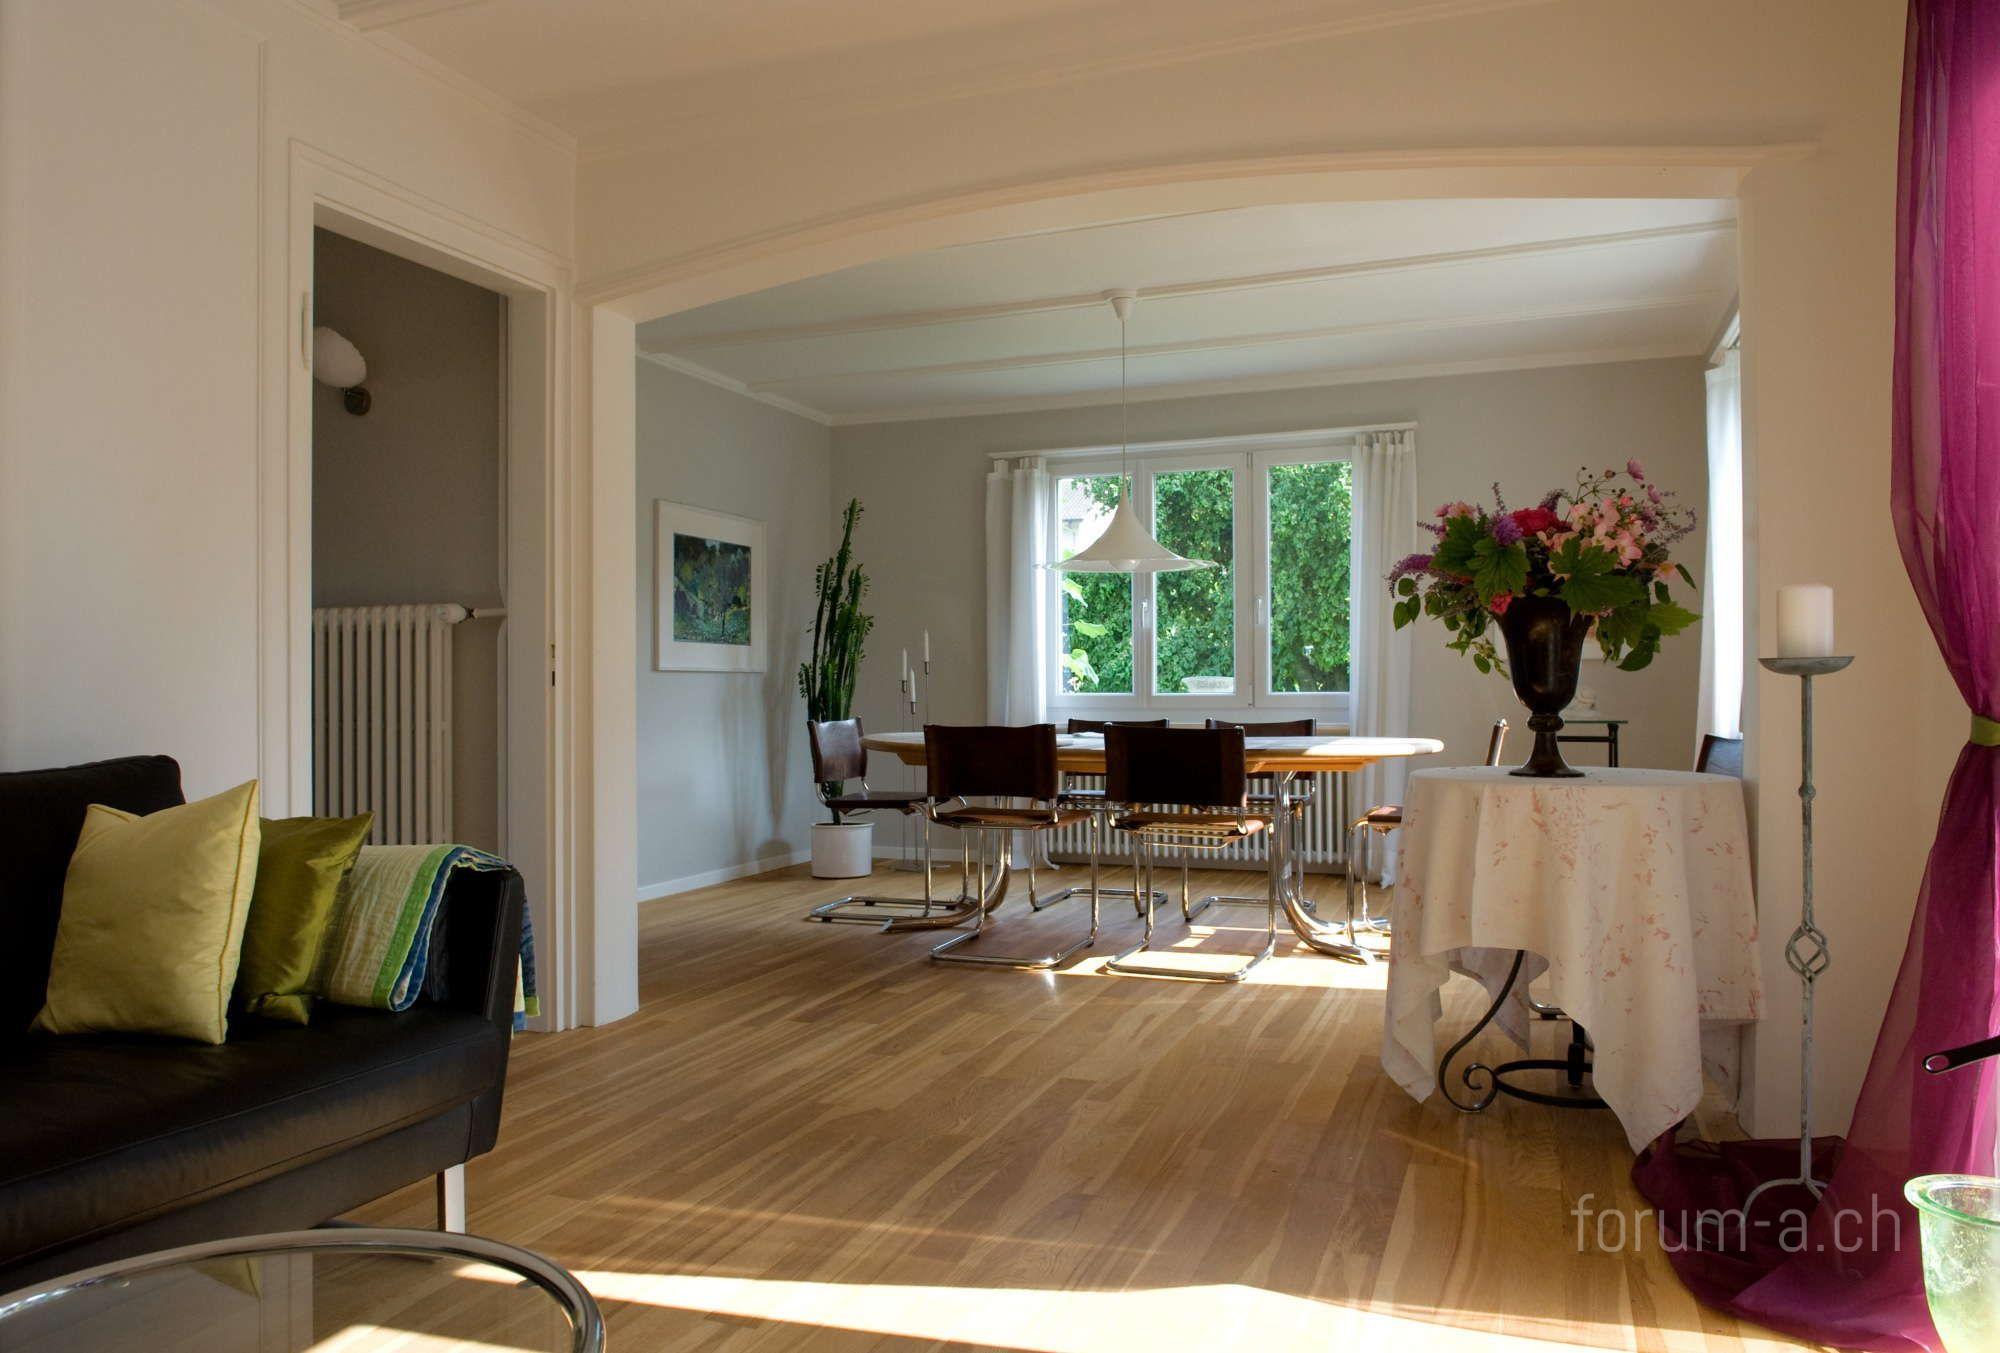 Sanfte sanierung eines einfamilienhauses mit k cheneinbau for 1 zu 20 innenarchitektur